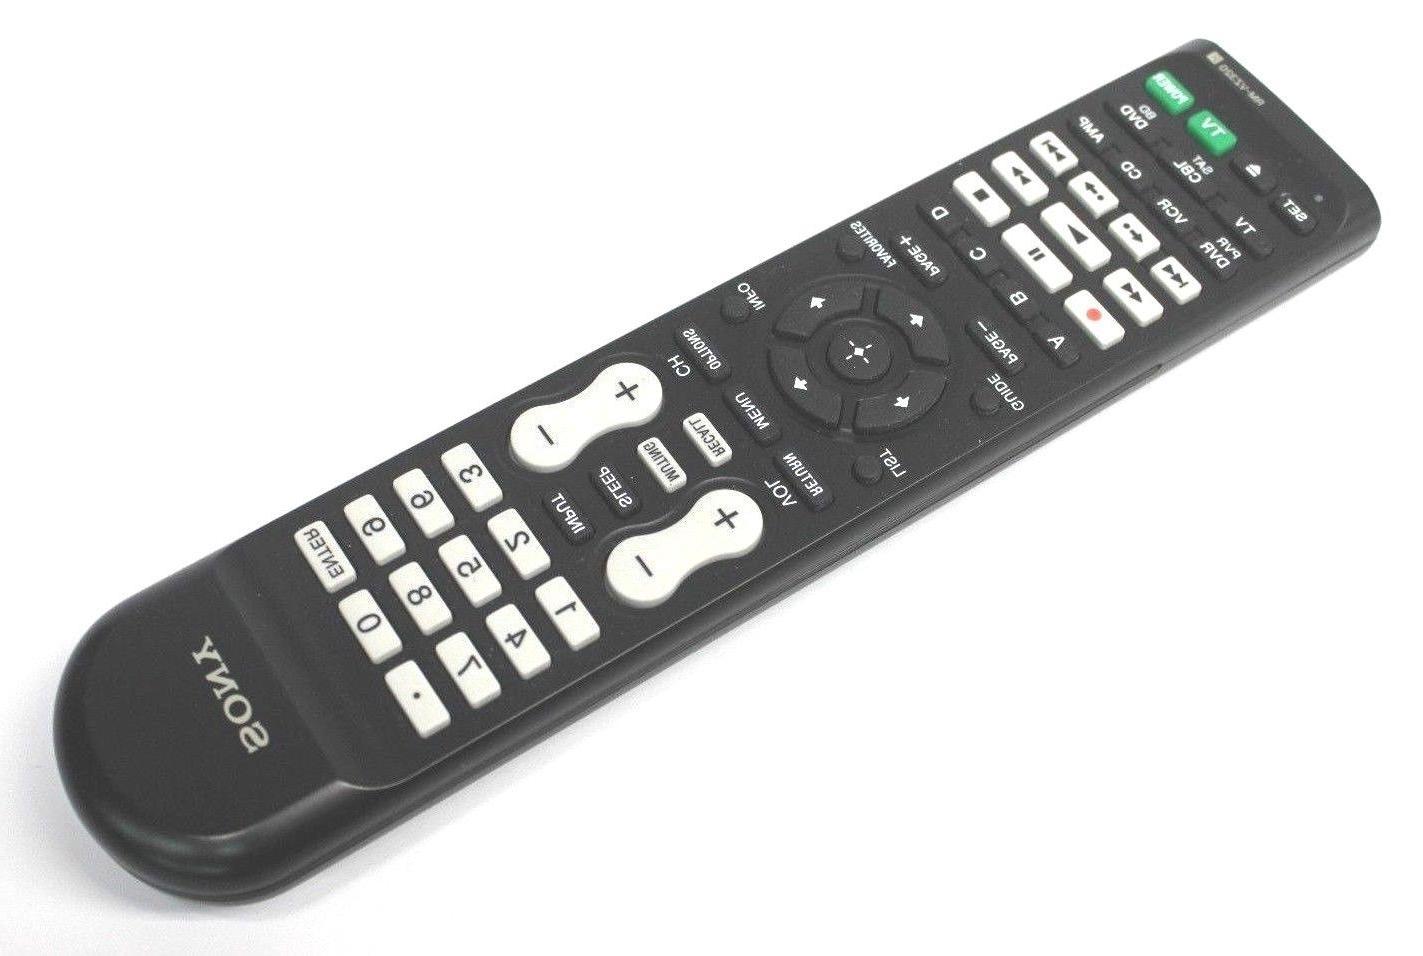 genuine original rm vz320 universal remote control